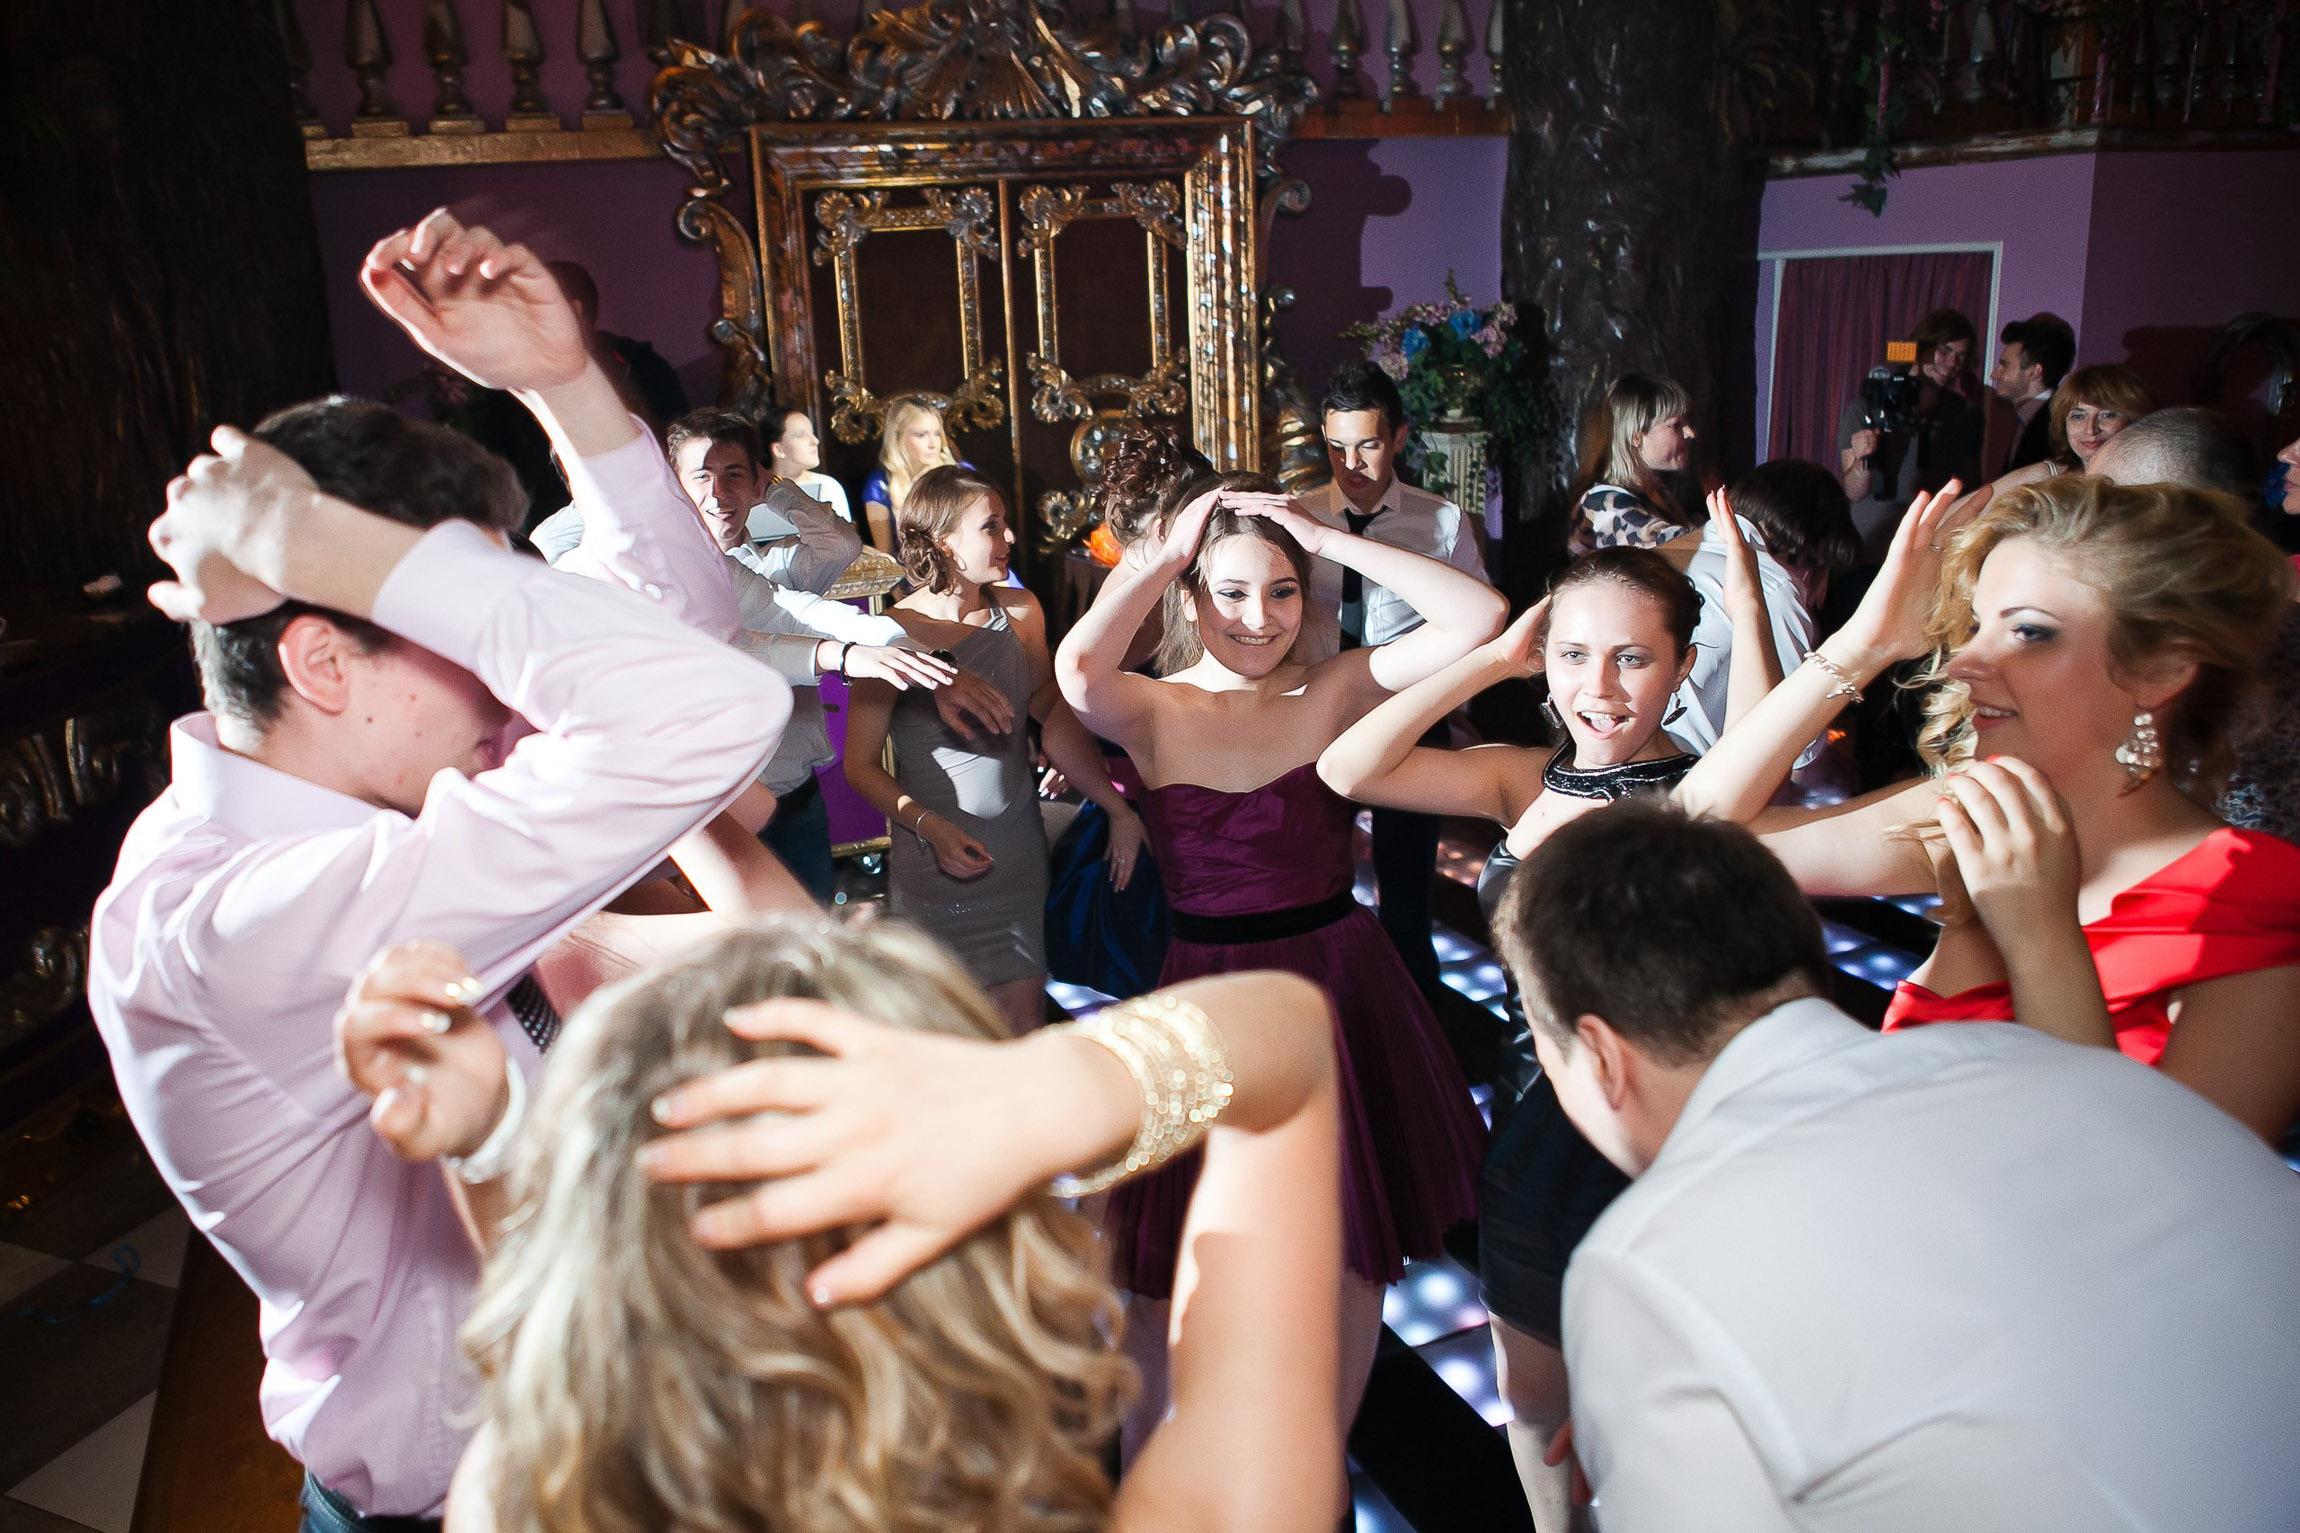 Тамада во владимире для свадьбы